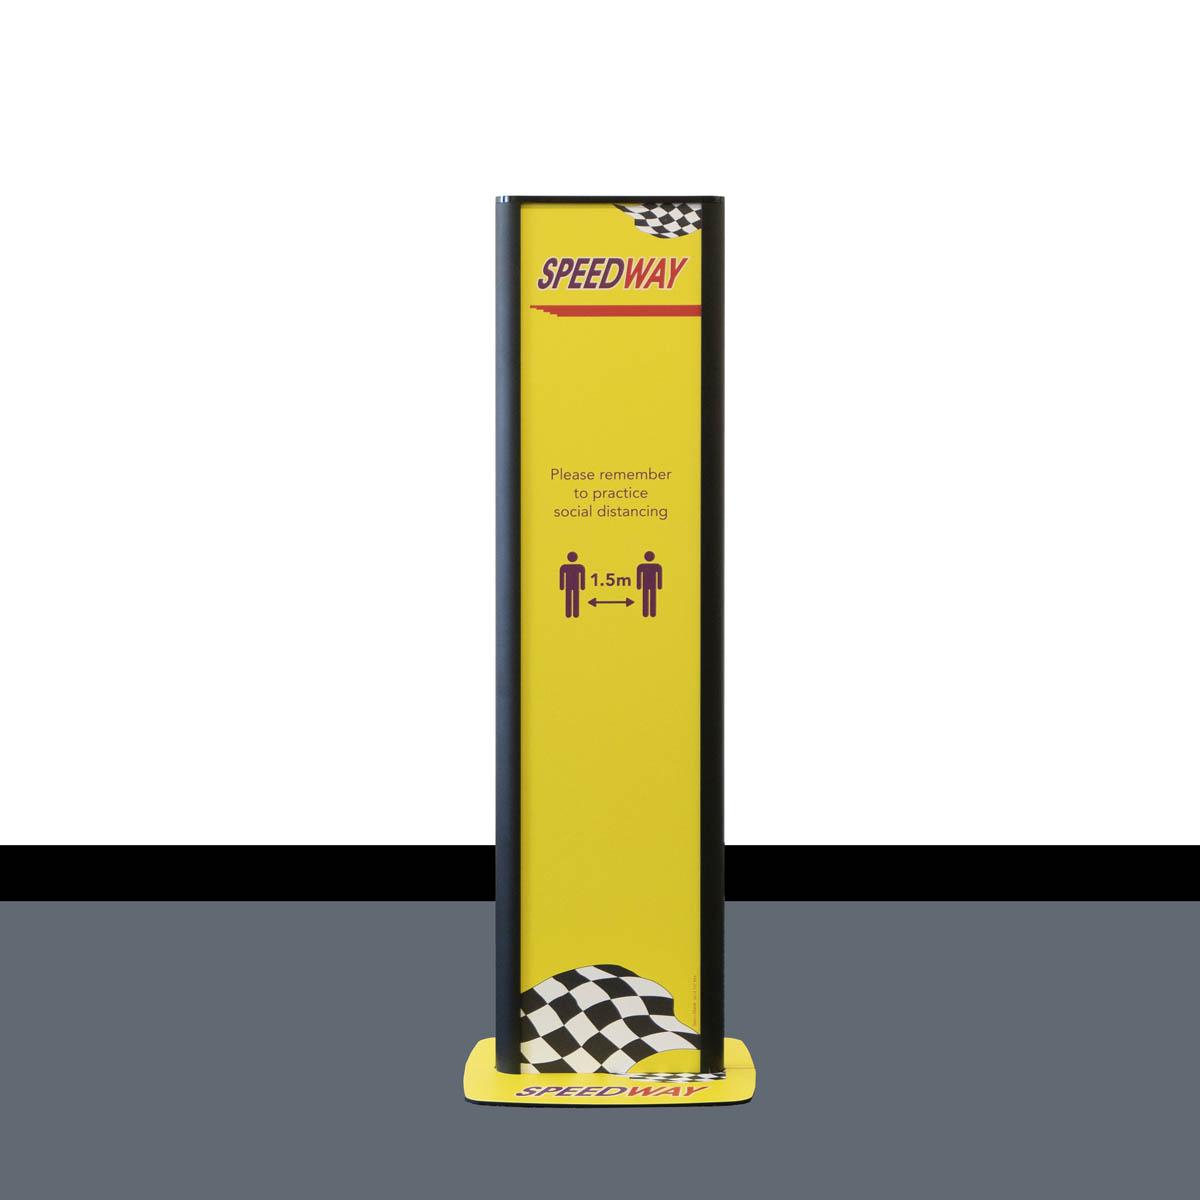 Sanitiser Dispenser Stand - Branded